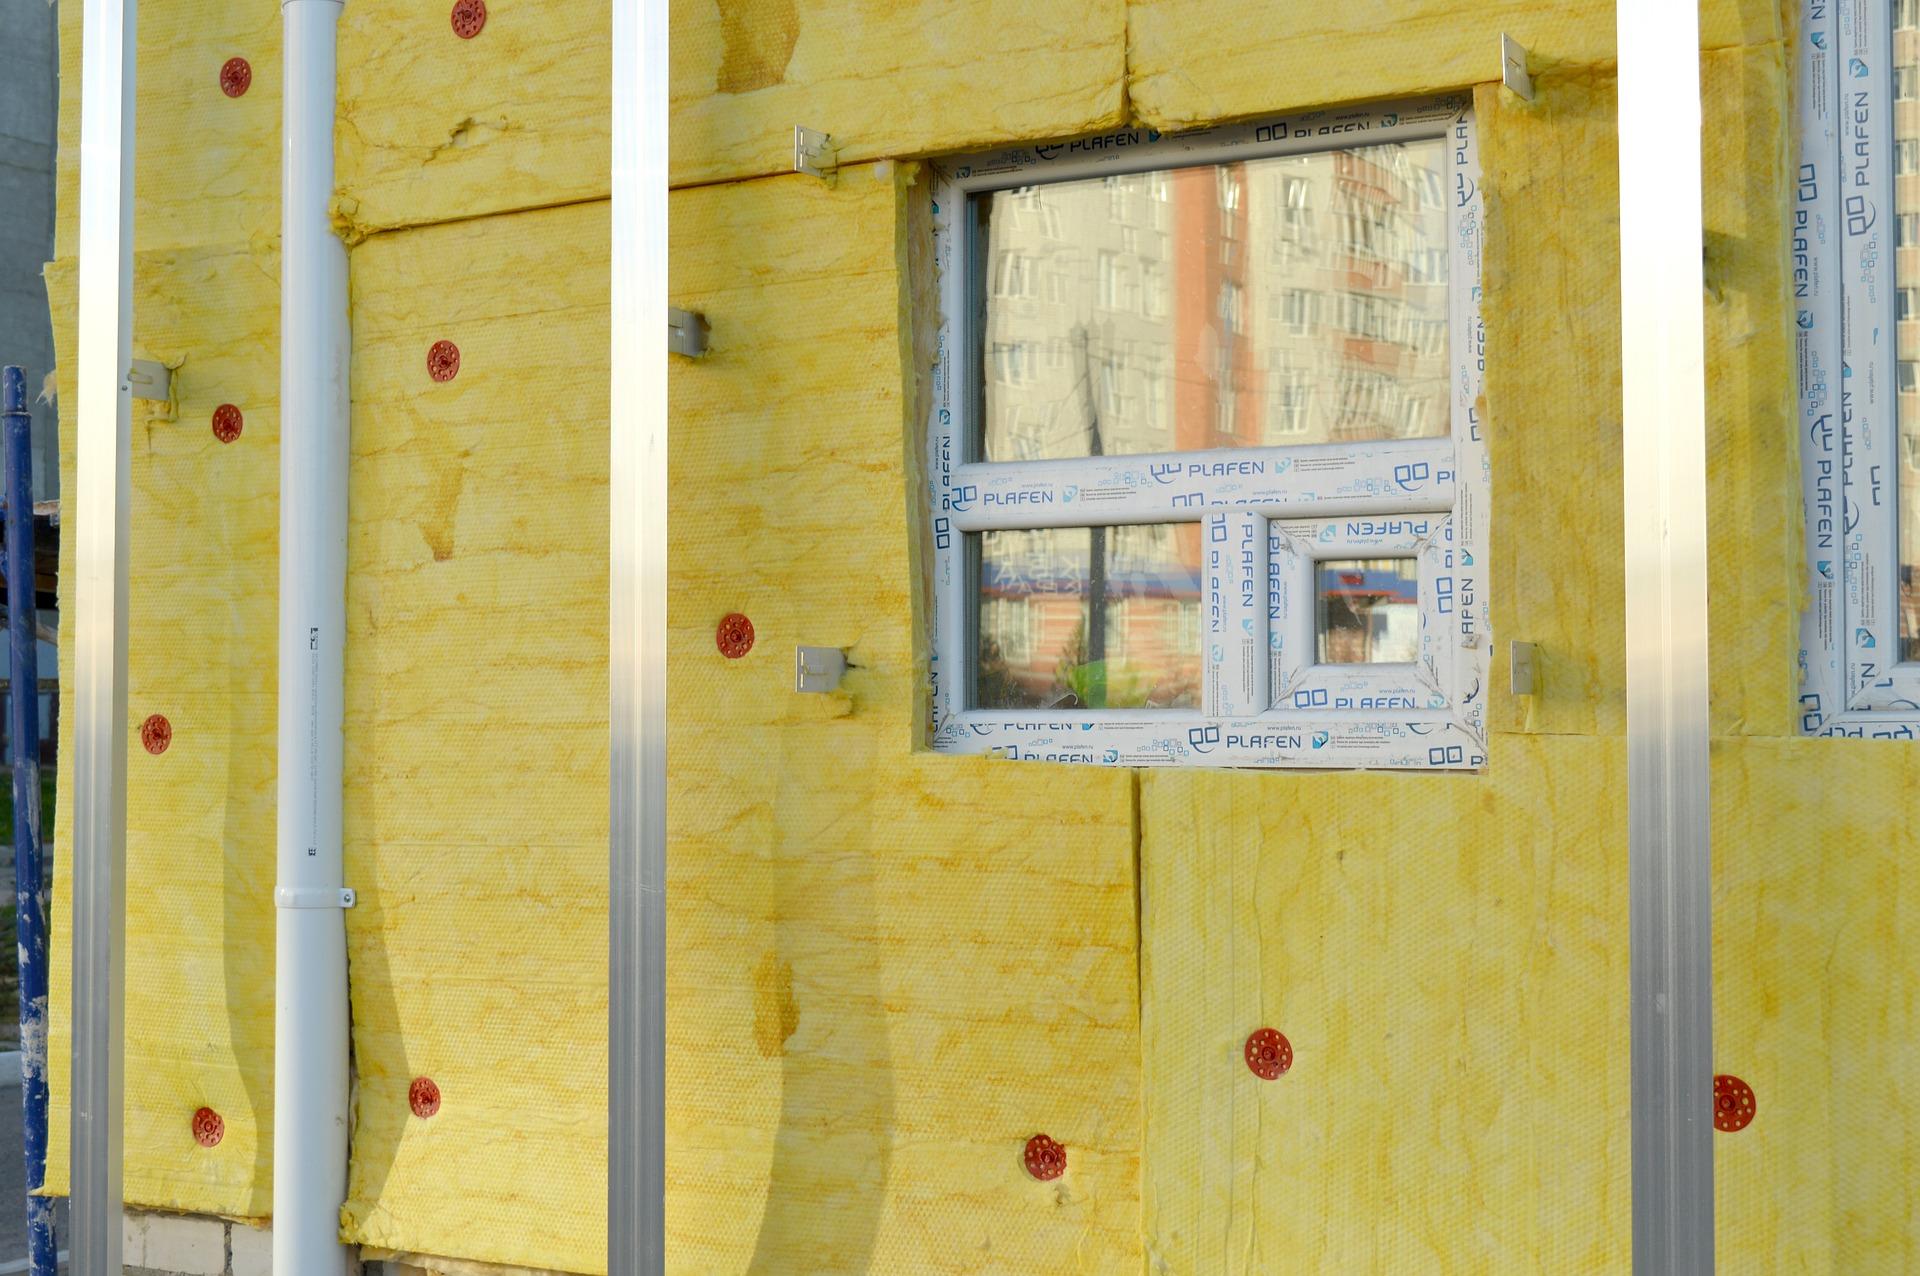 Las 5 soluciones para la rehabilitación térmica en fachadas